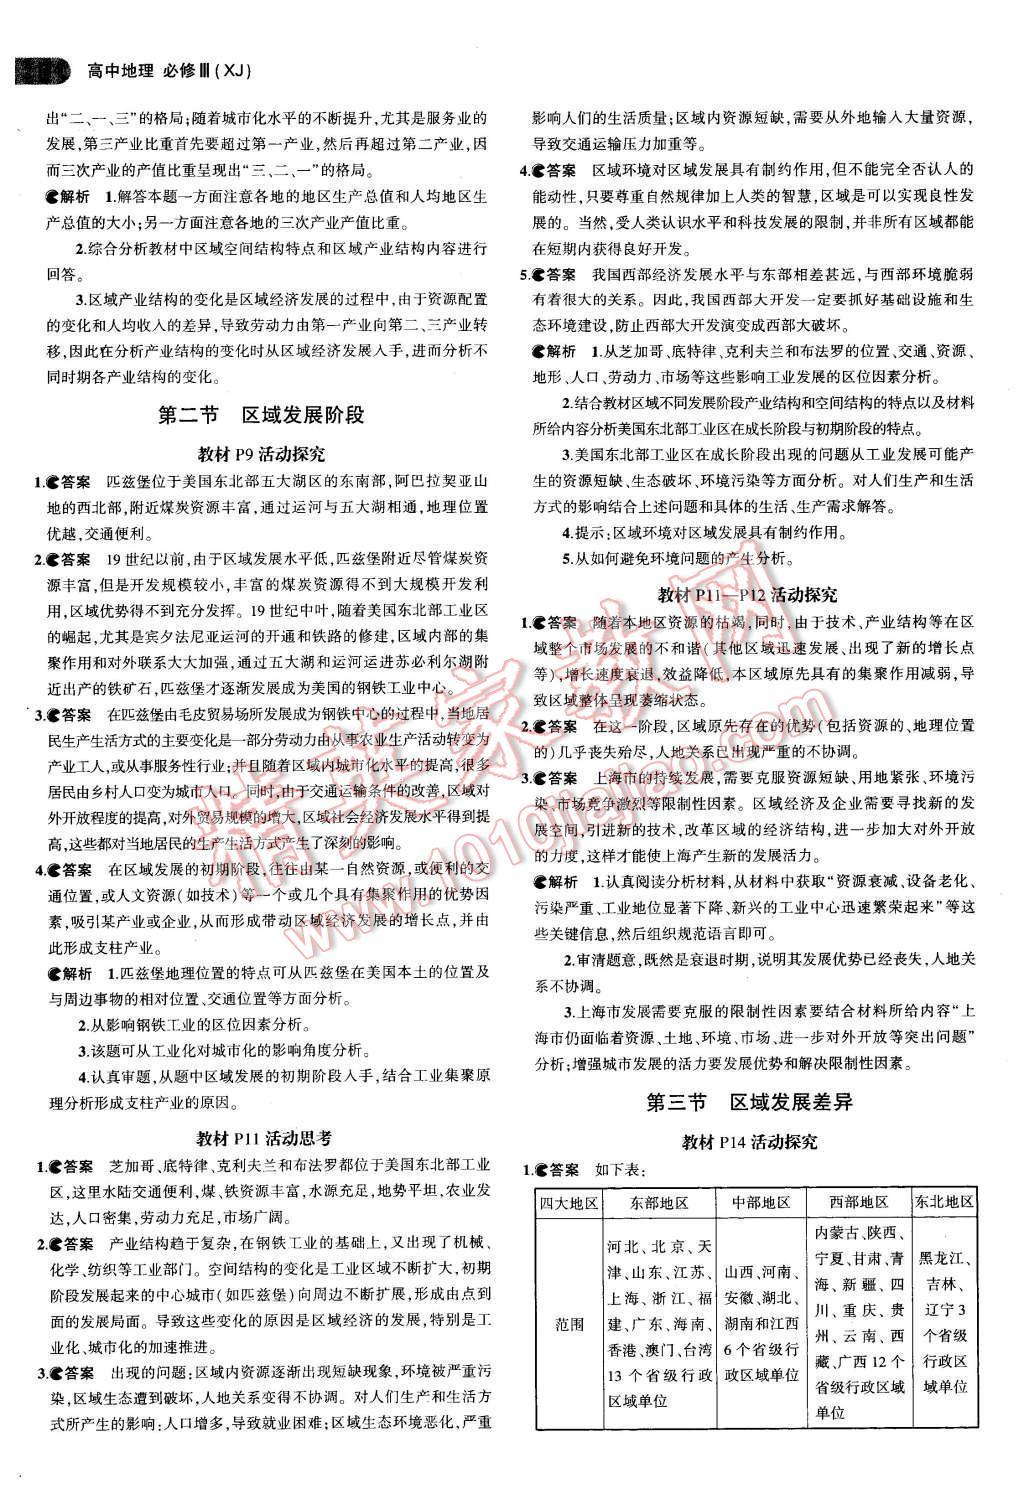 高中地理教材人教版-必修3(pdf)-学科网手机版